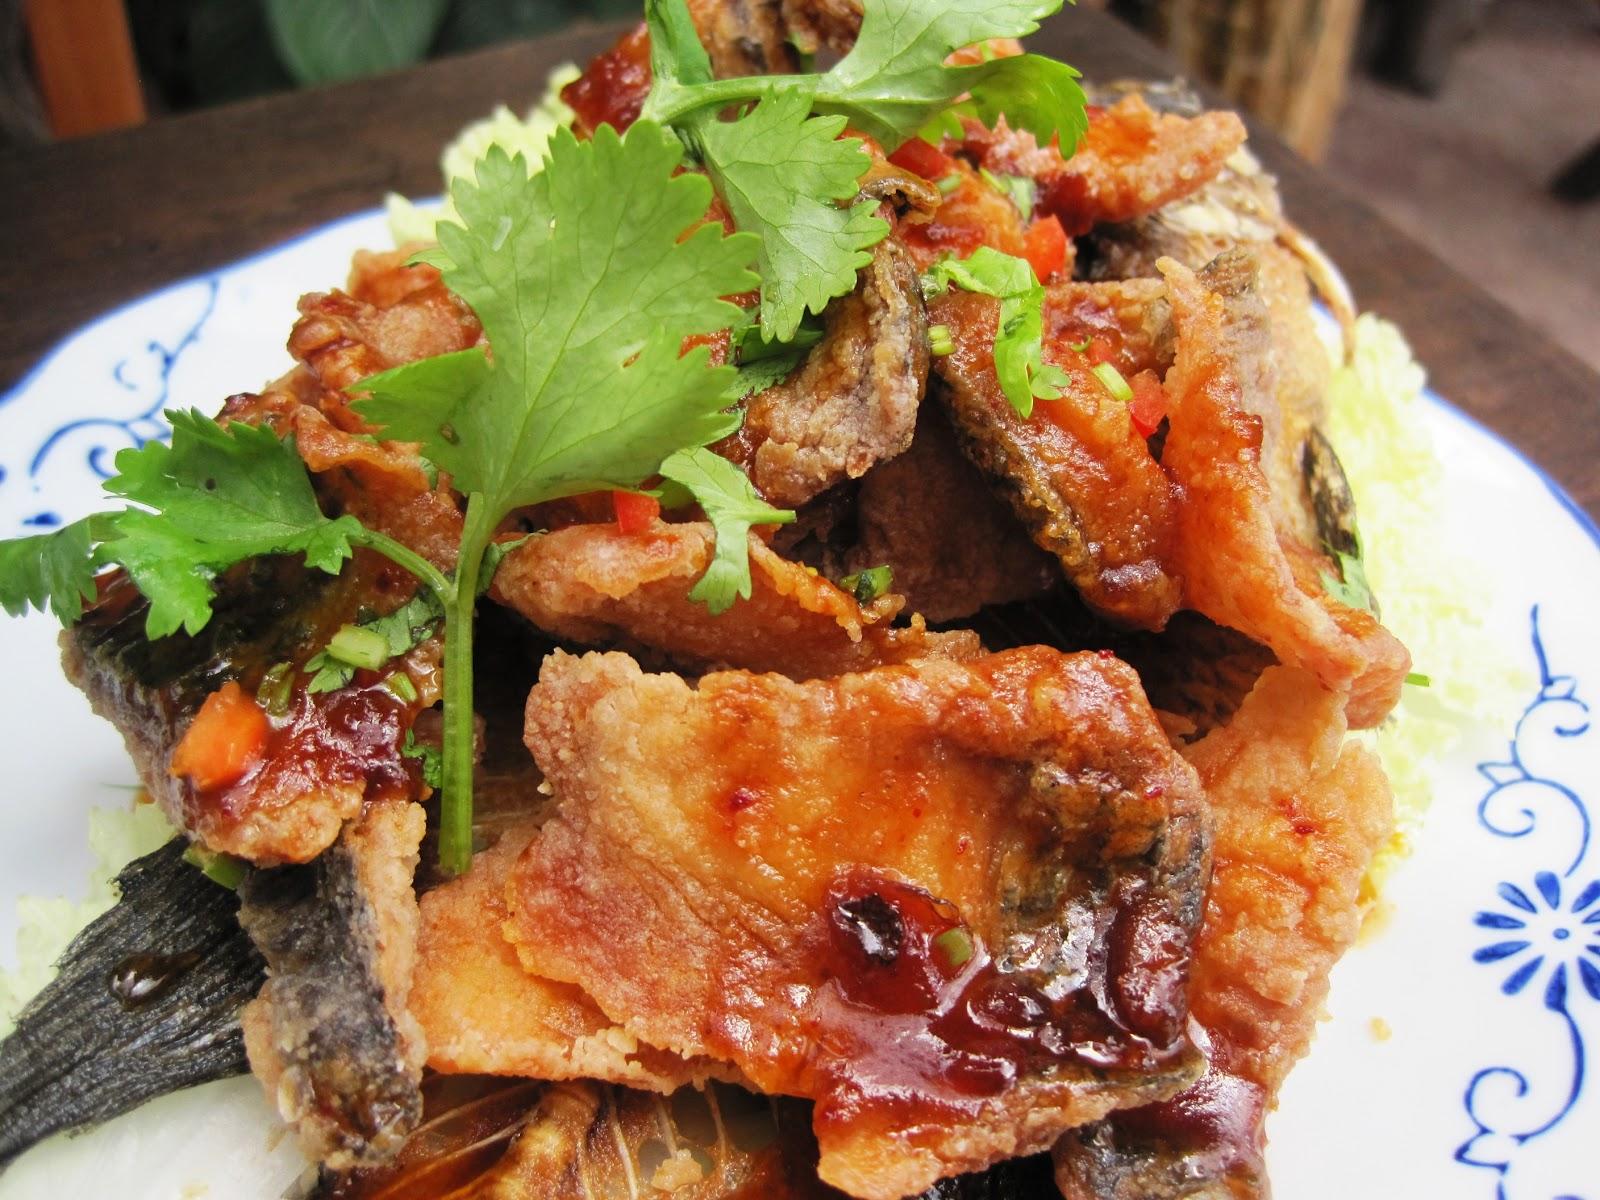 Deep fried tilapia with tamarind sauce